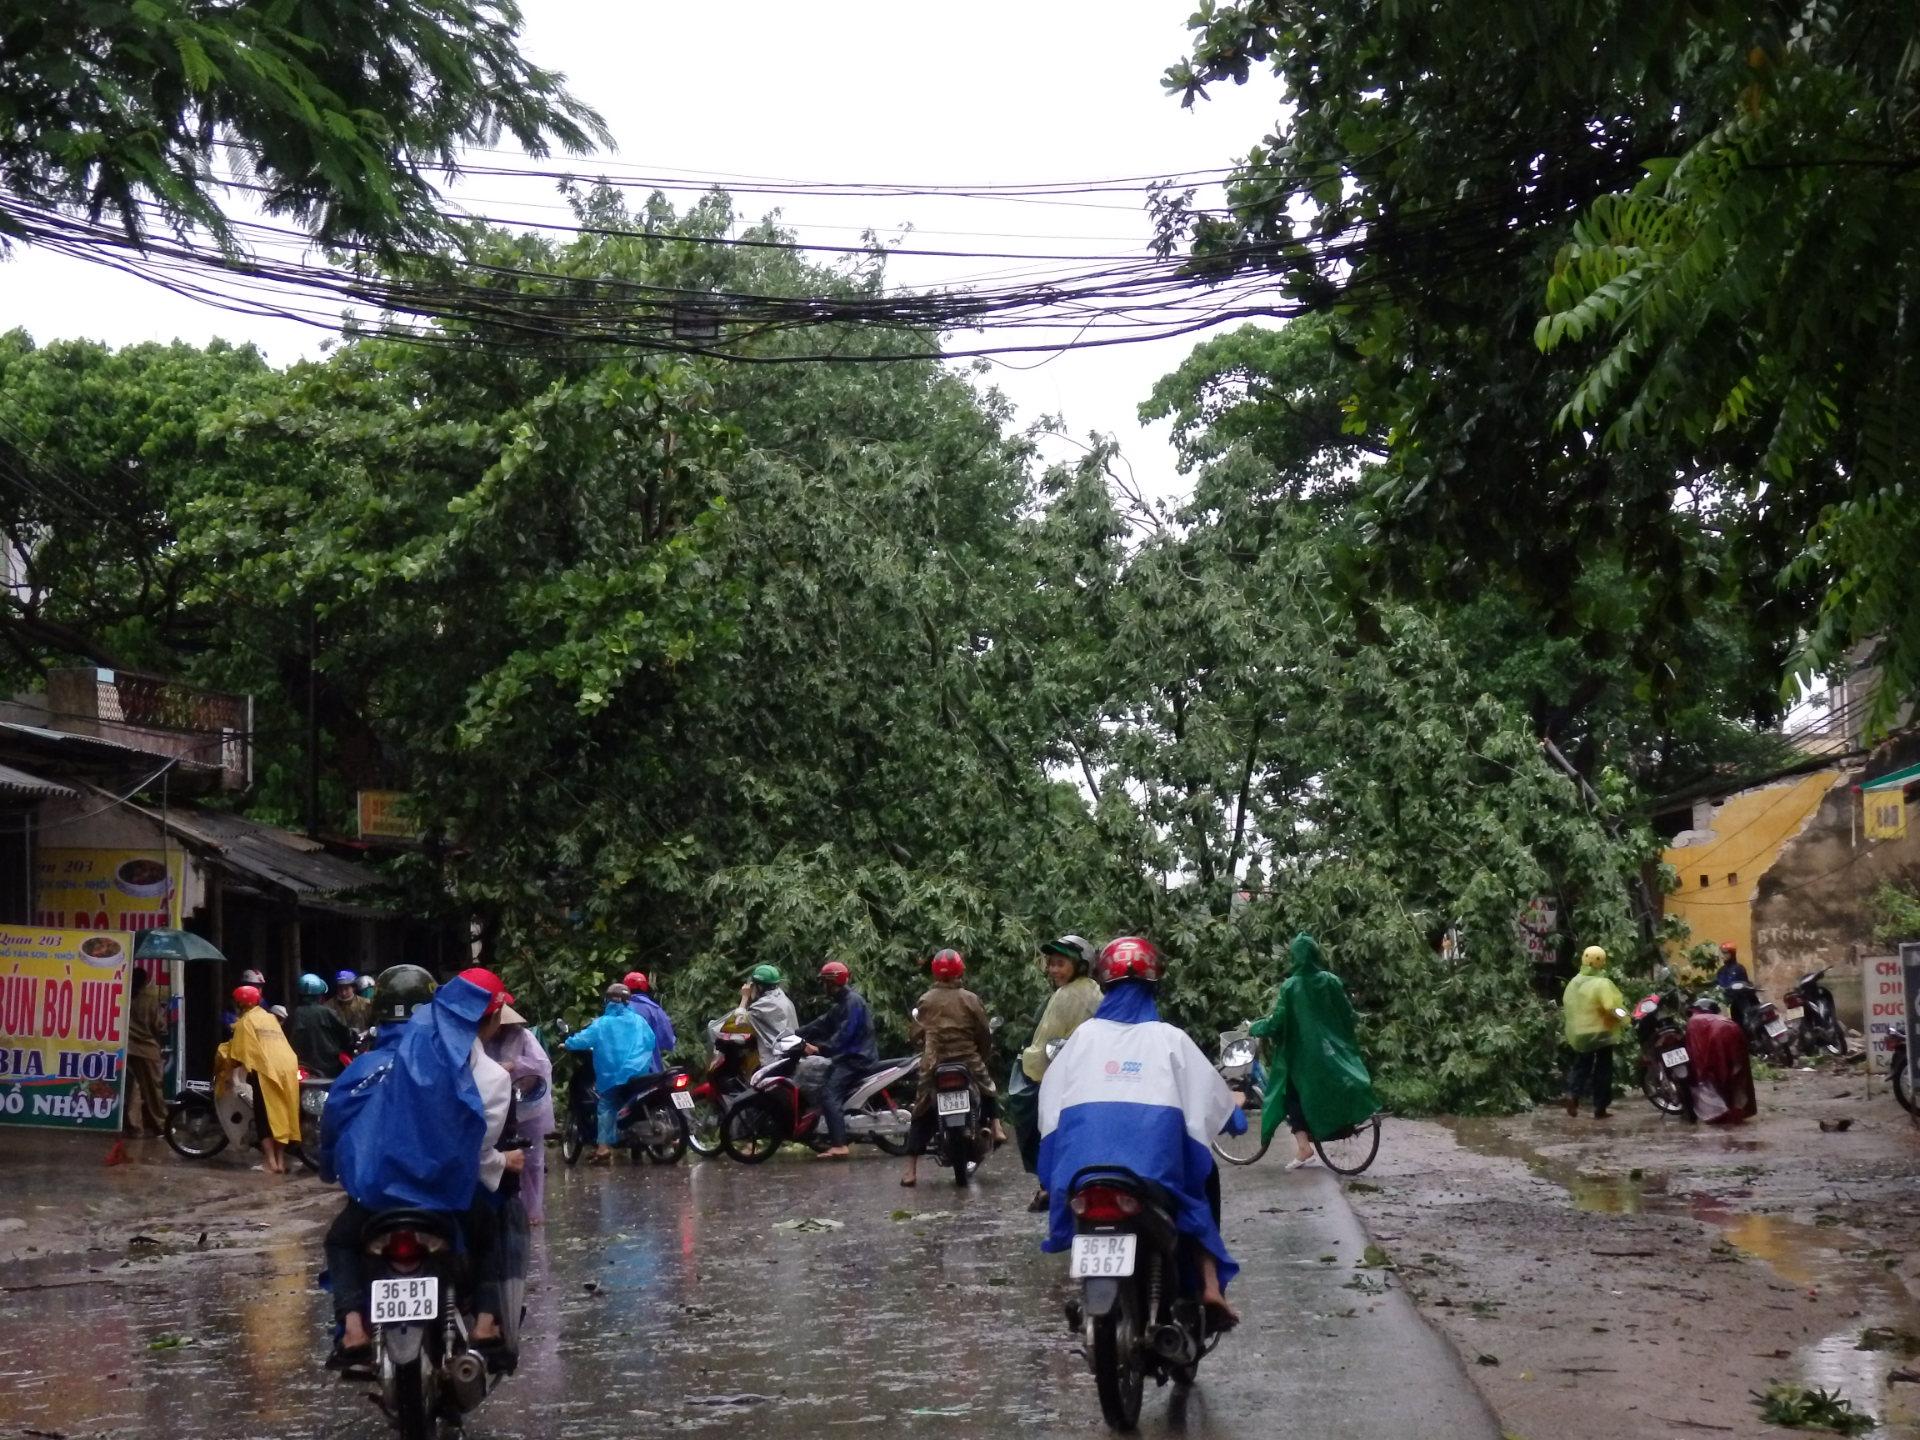 Thanh Hóa: Thiệt hại ban đầu do bão số 6 gây ra ước tính 167 tỷ đồng 2